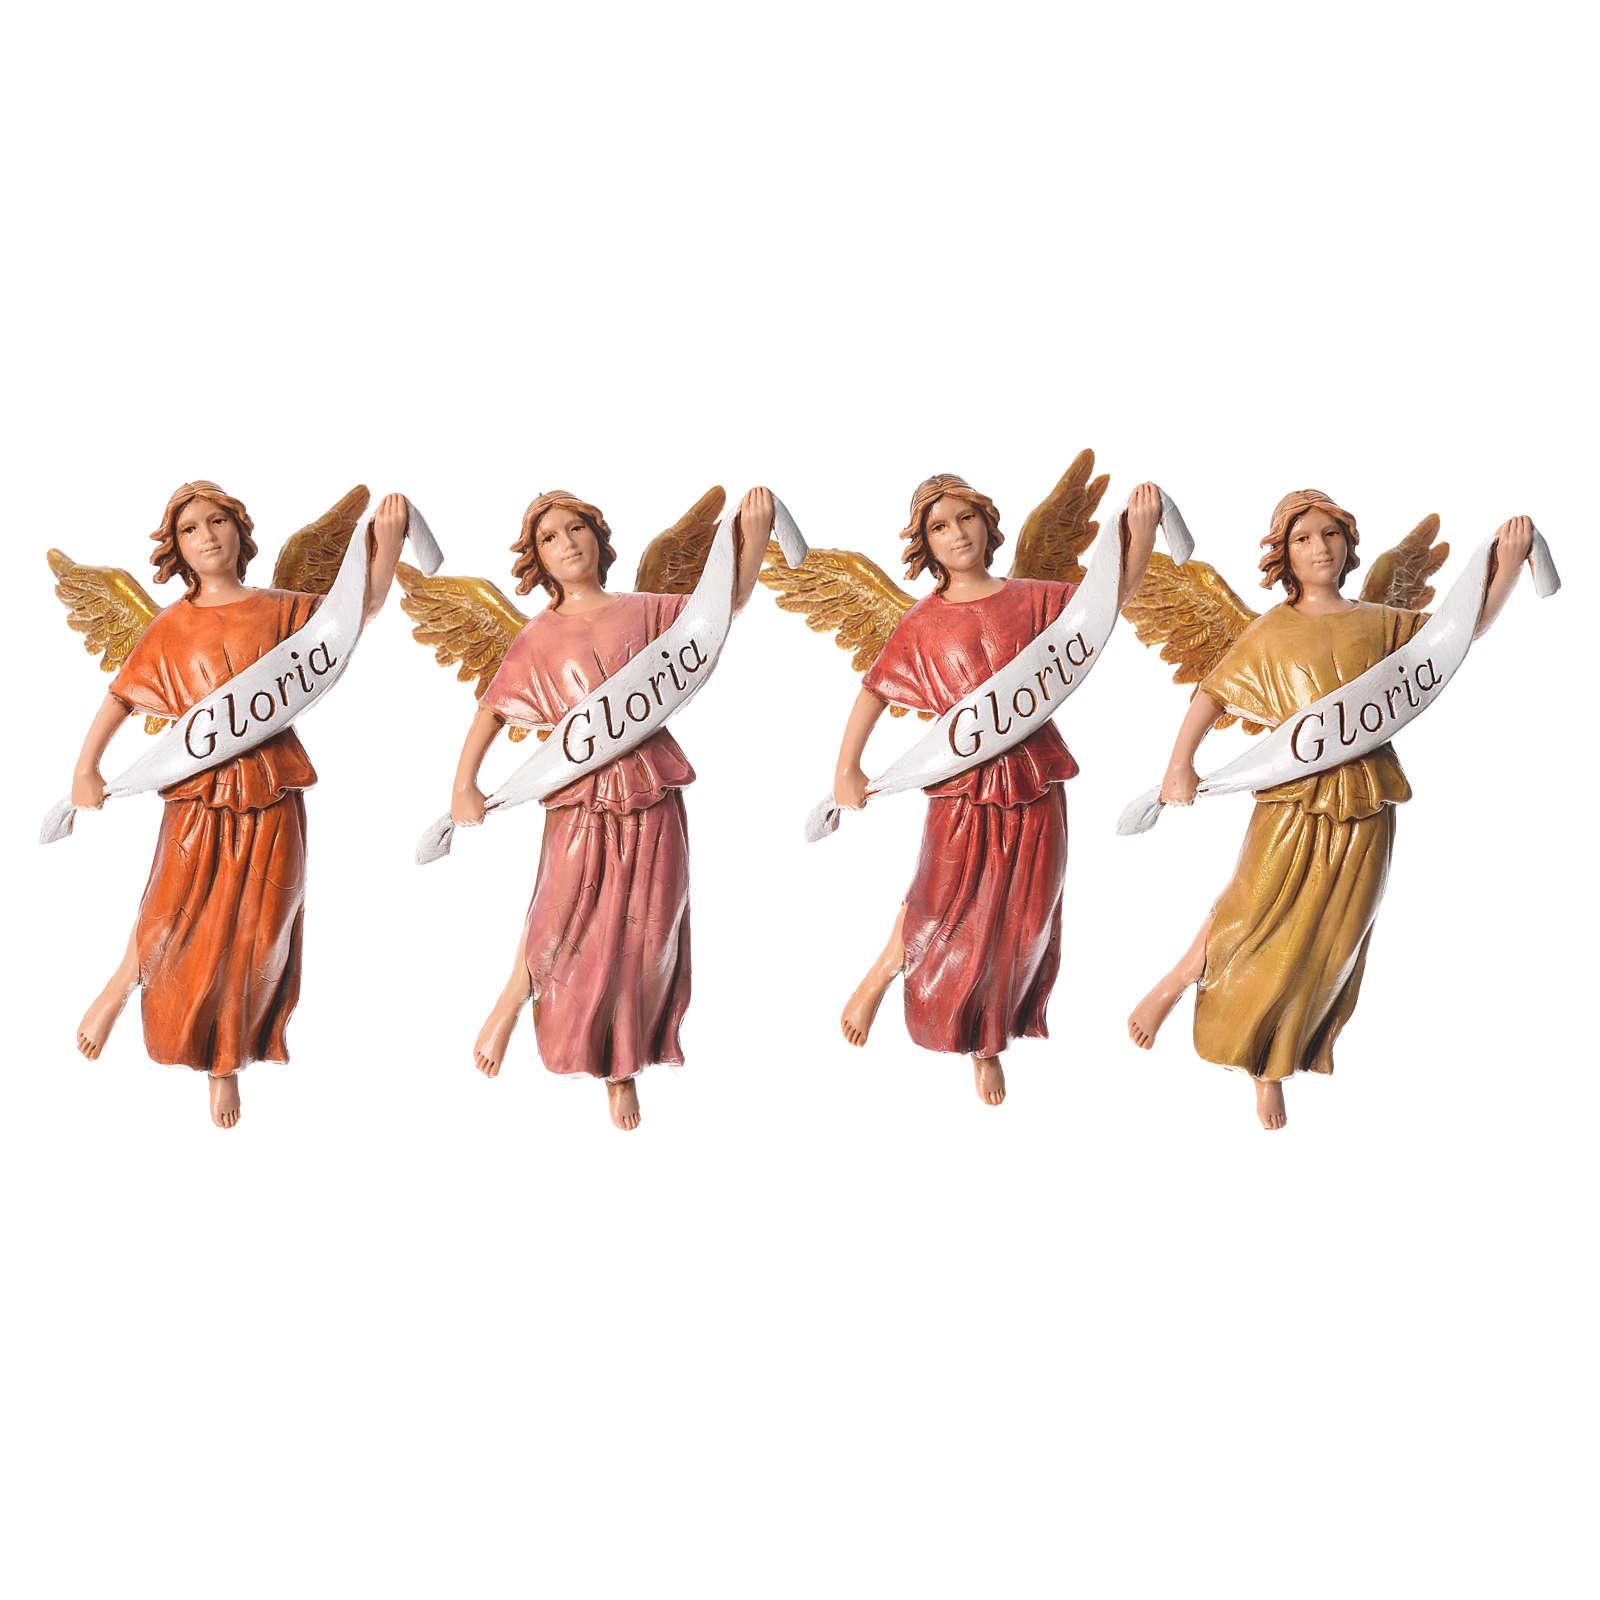 Aniołowie Gloria 4 szt. Moranduzzo 10 cm 4